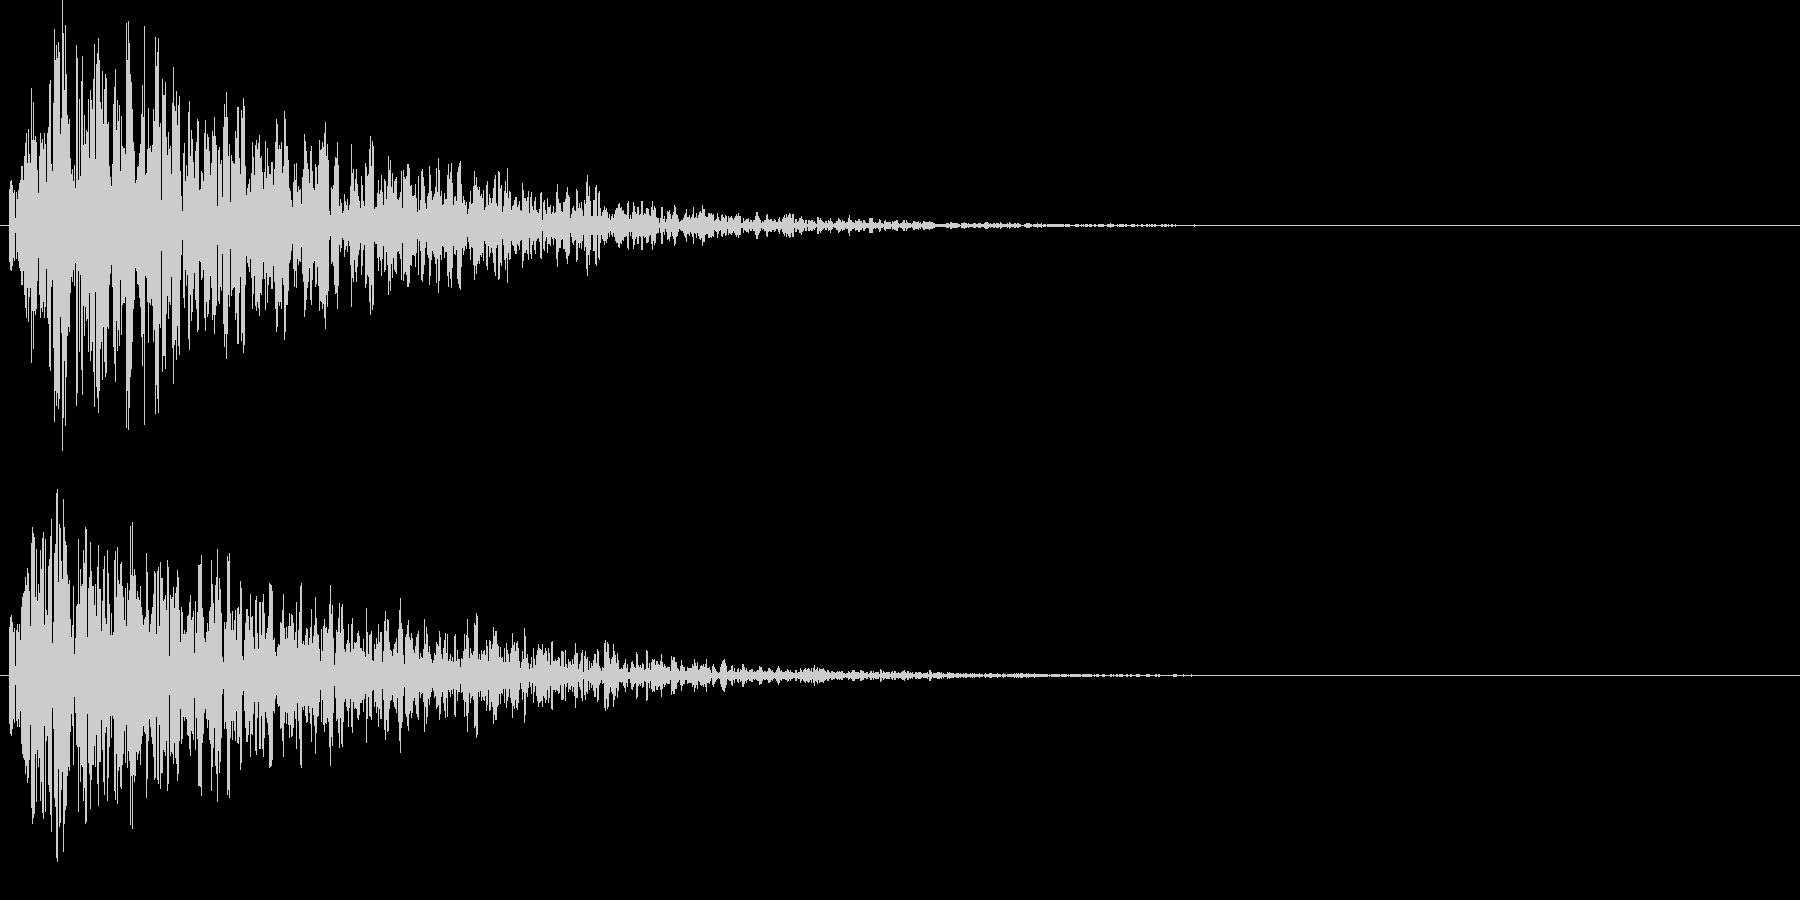 ボカーン。爆弾などの爆発音Bの未再生の波形